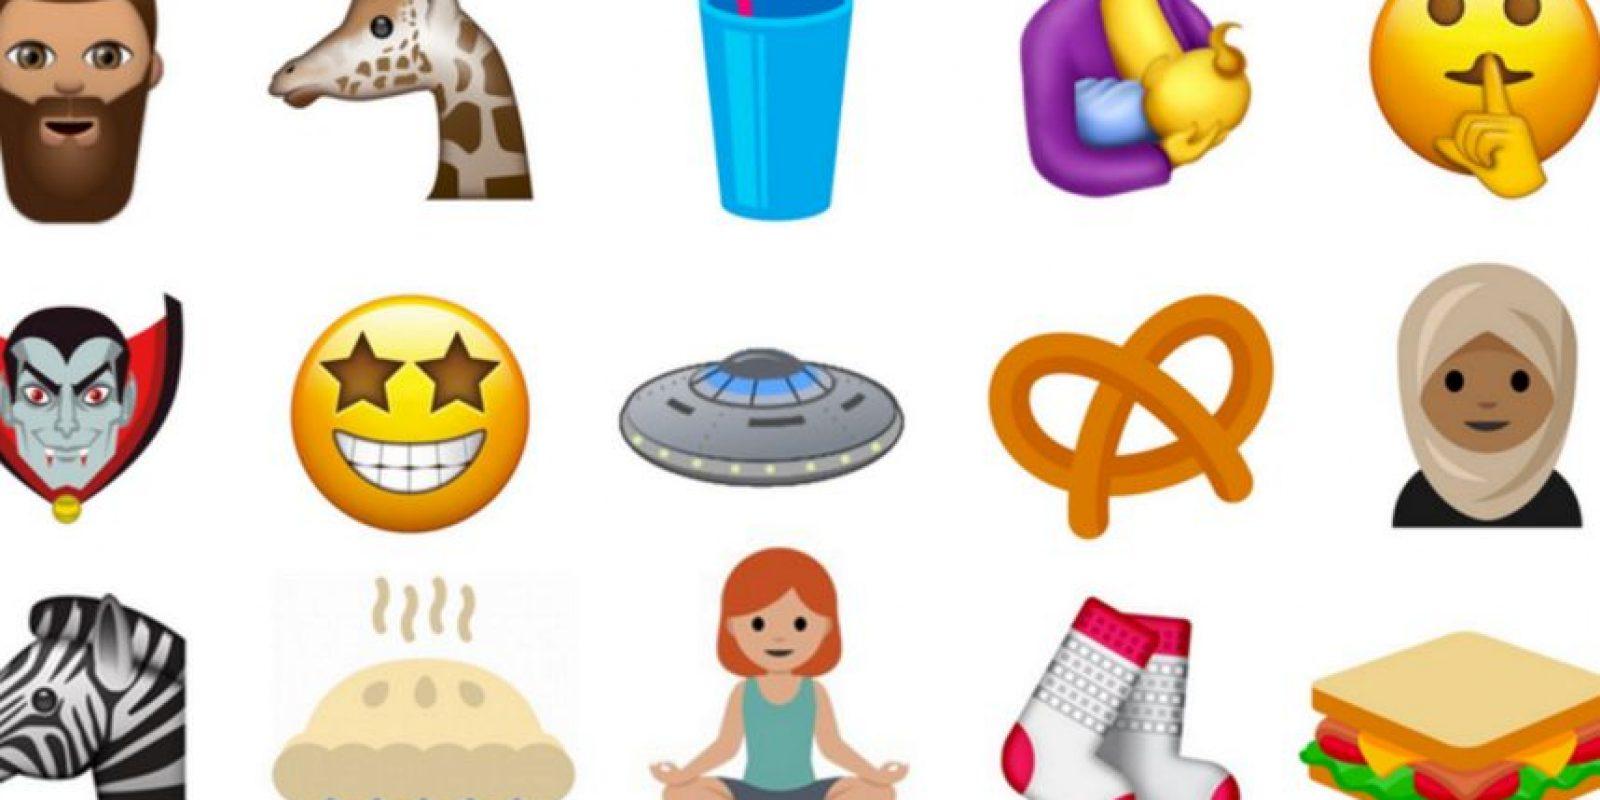 Además de los que están por llegar a iOS, Android y WhatsApp; otros 51 emojis más han sido aprobados por Unicode para ser lanzados en 2017. Foto:Emojipedia